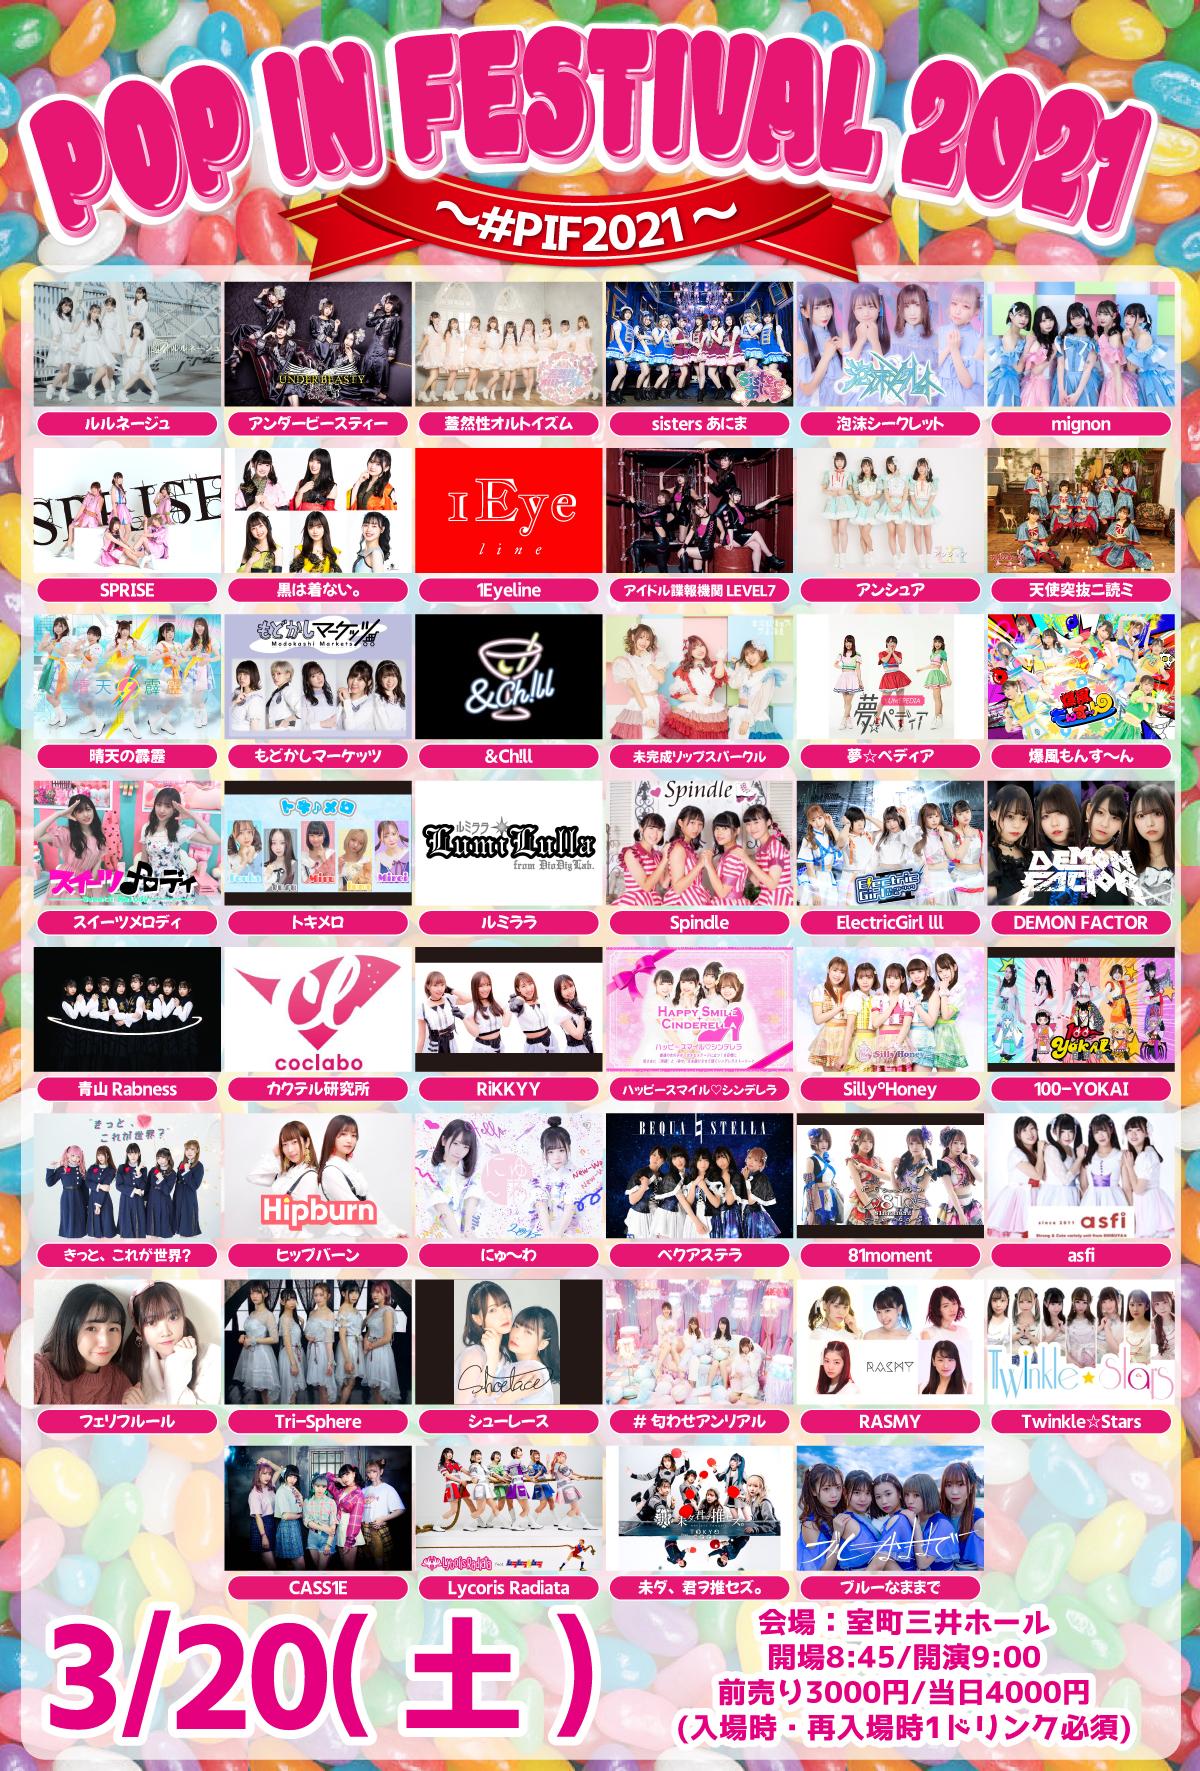 3/20(土) POP IN FESTIVAL 2021 ~#PIF2021~